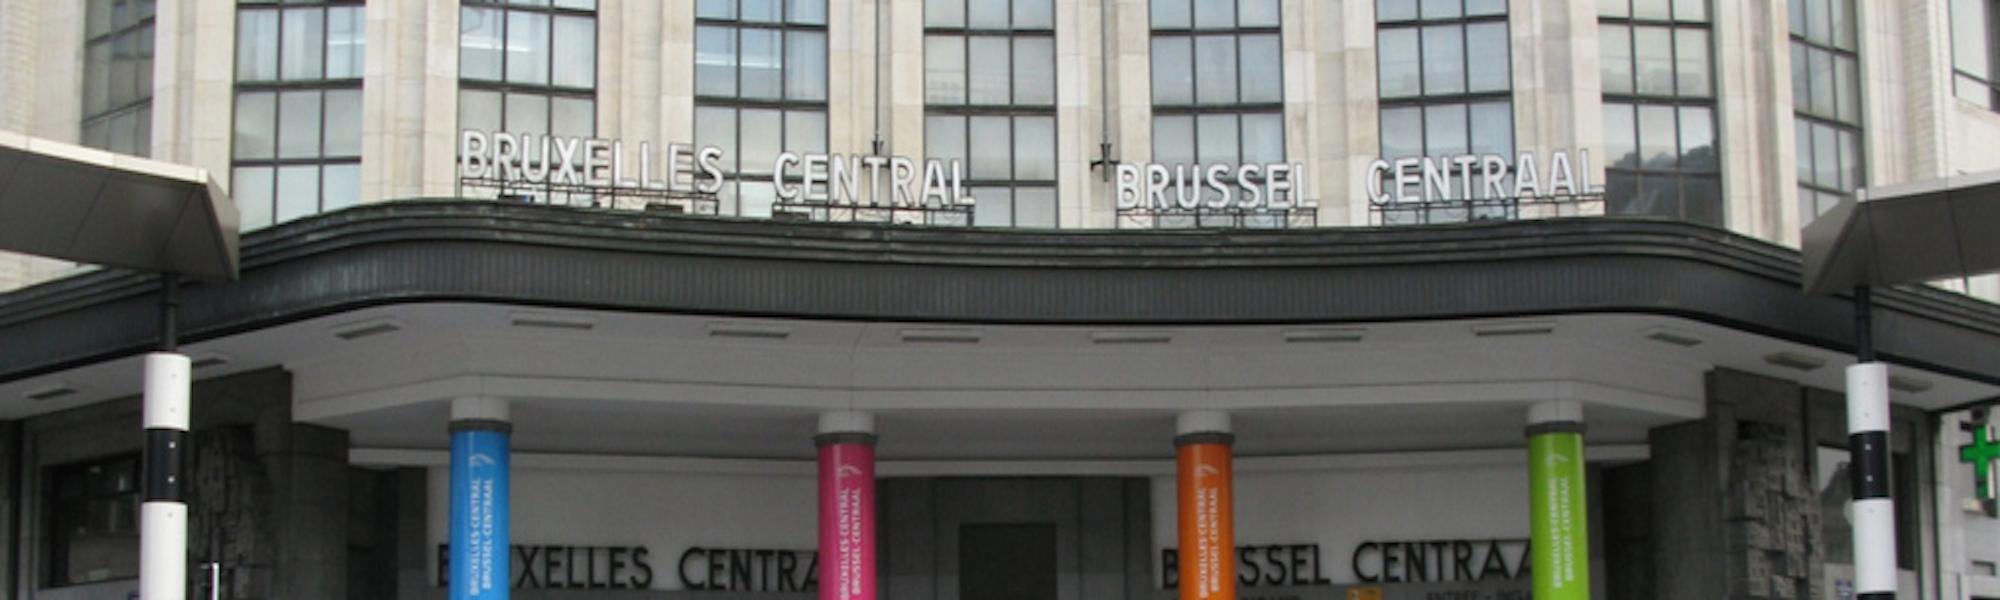 Huur een zaal Brussel-Centraal